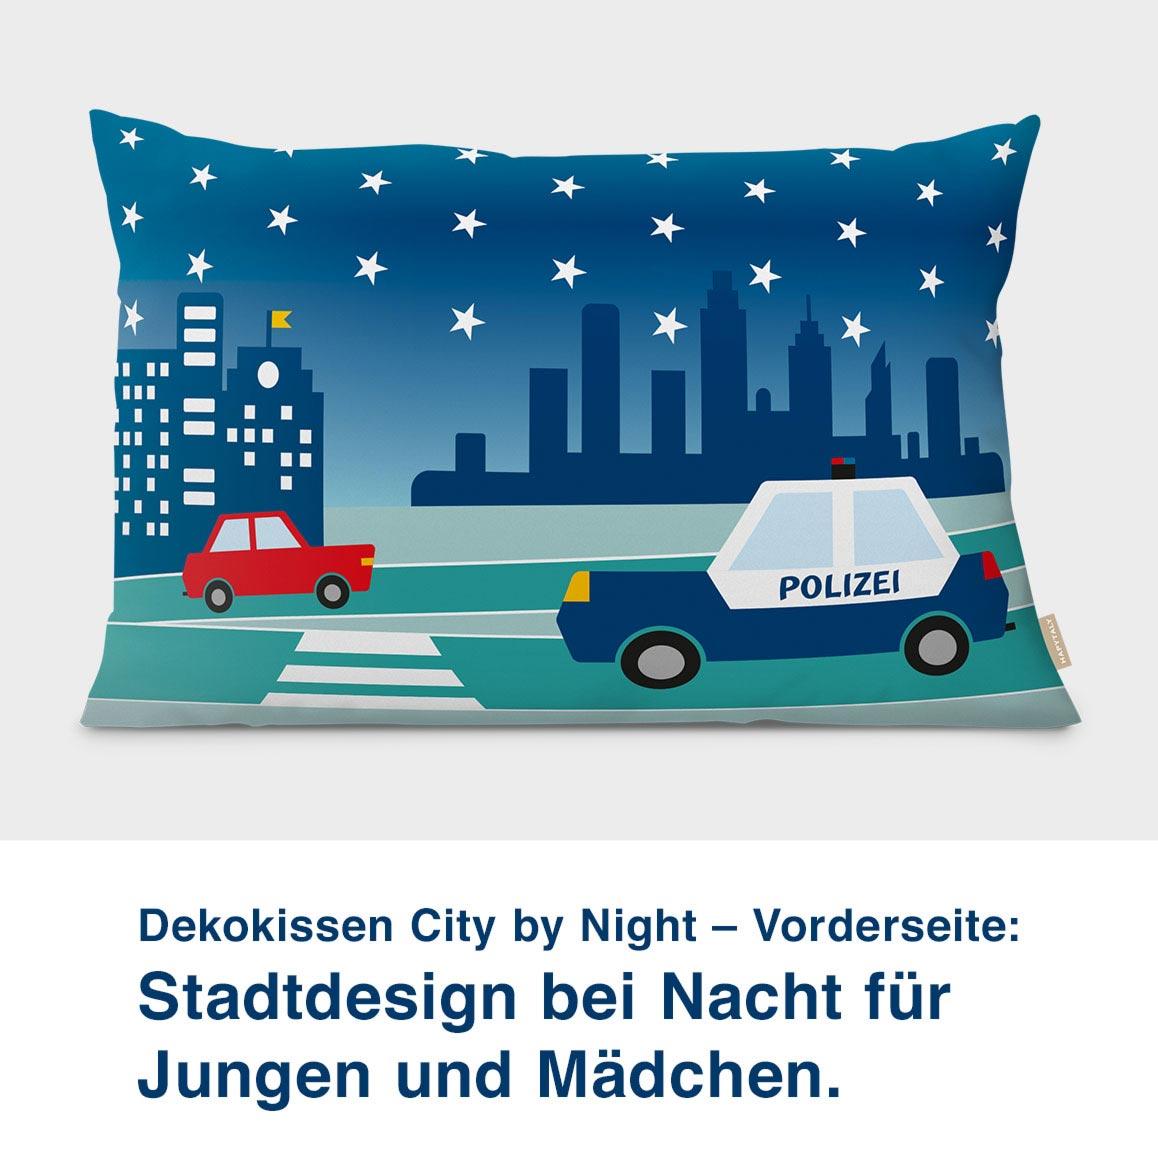 Dekokissen City by Night – Vorderseite:  Stadtdesign bei Nacht für  Jungen und Mädchen.